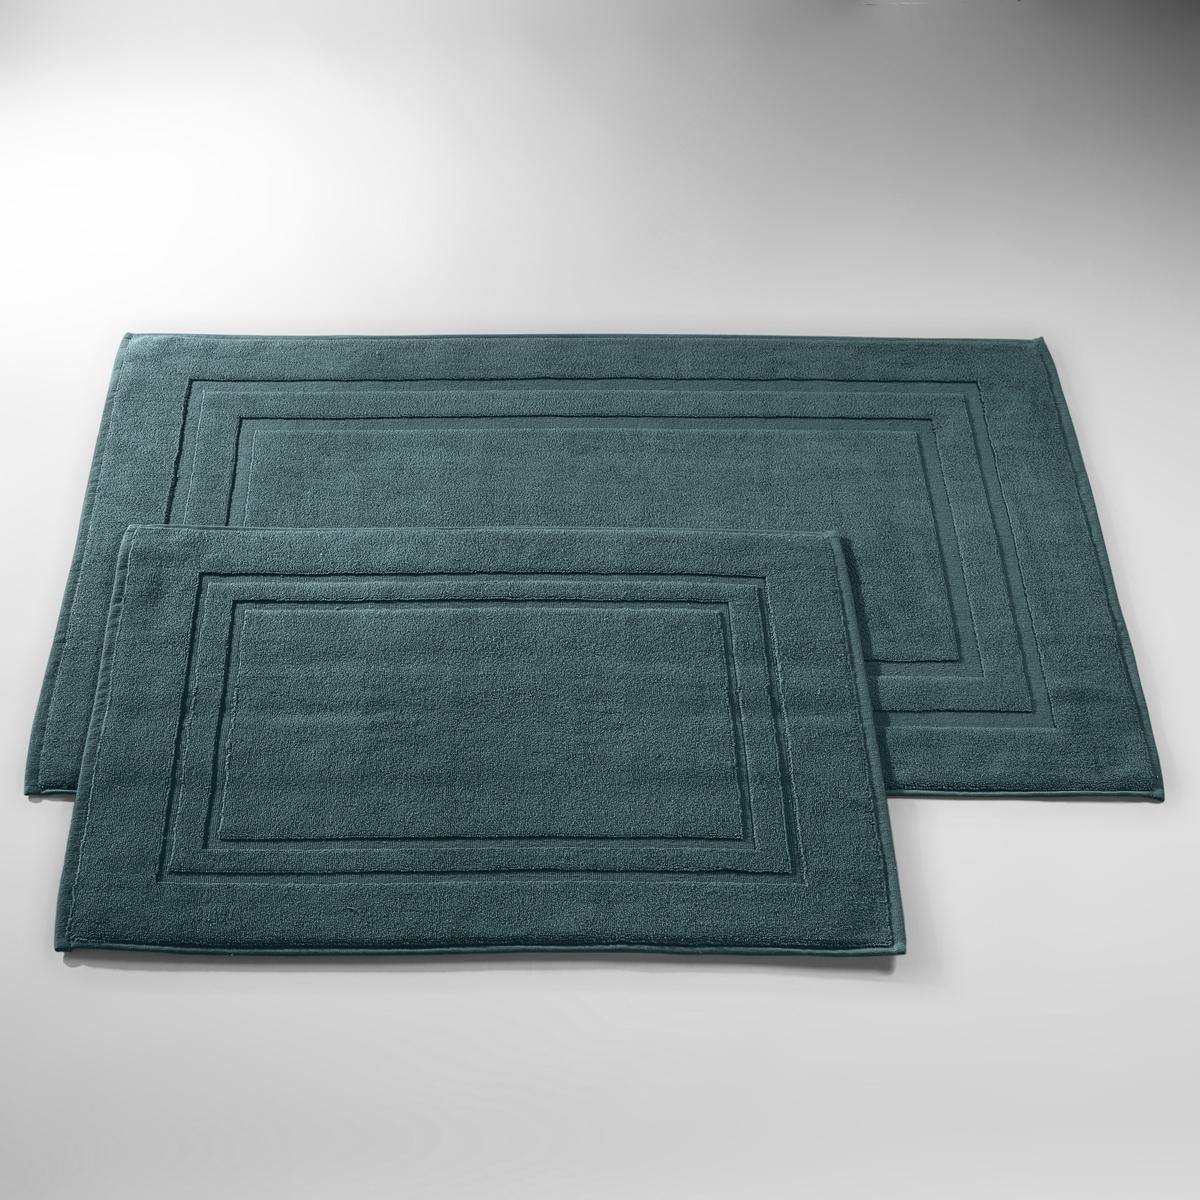 Коврик для ванной, 1100 г/м?, качество BestХарактеристики коврика для ванной  :- Махровая ткань, 100% хлопок, очень густая и впитывающая (1100 г/м?).- Машинная стирка при 60 °С.Размеры коврика для ванной :40 x 50 см  коврик в форме умывальника50 x 70 см  : прямоугольный коврик. для душа- 60 x 60 см :  квадратный коврик для душа- 60 x 100 см : прямоугольный коврик. для ваннойПроизводство осуществляется с учетом стандартов по защите окружающей среды и здоровья человека, что подтверждено сертификатом Oeko-tex®.  .<br><br>Цвет: сине-зеленый